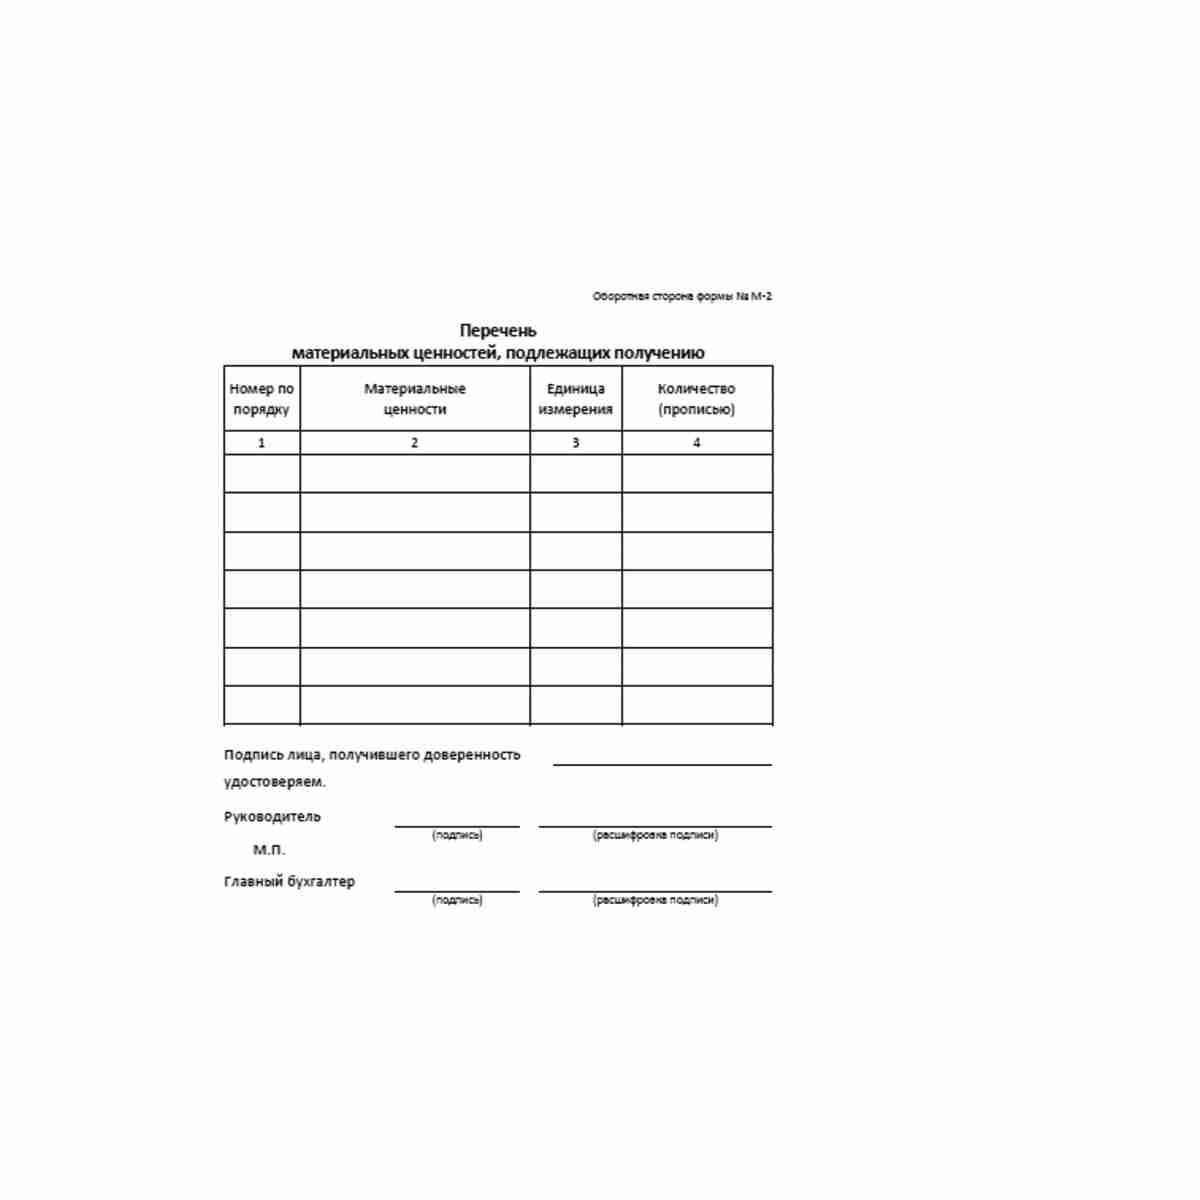 """Унифицированная форма первичной учетной документации Типовая межотраслевая форма № М-2 """"Доверенность"""" (ОКУД 0315001). Оборотная сторона."""